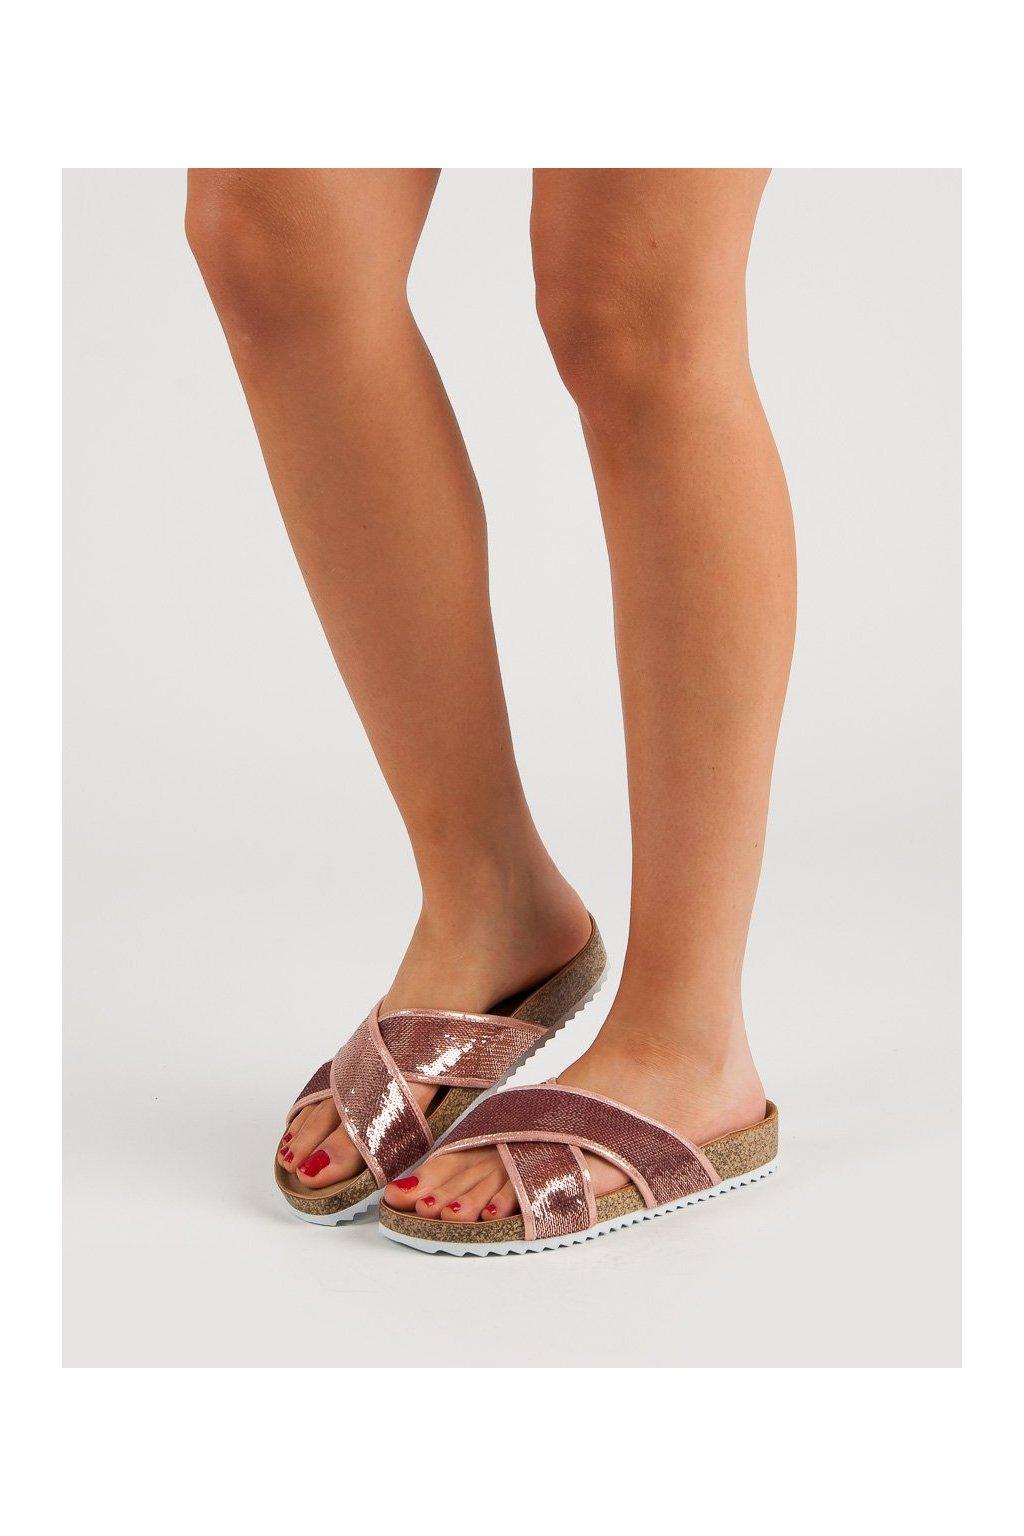 Ružové topánky Kylie NJSK K1952502ROSA